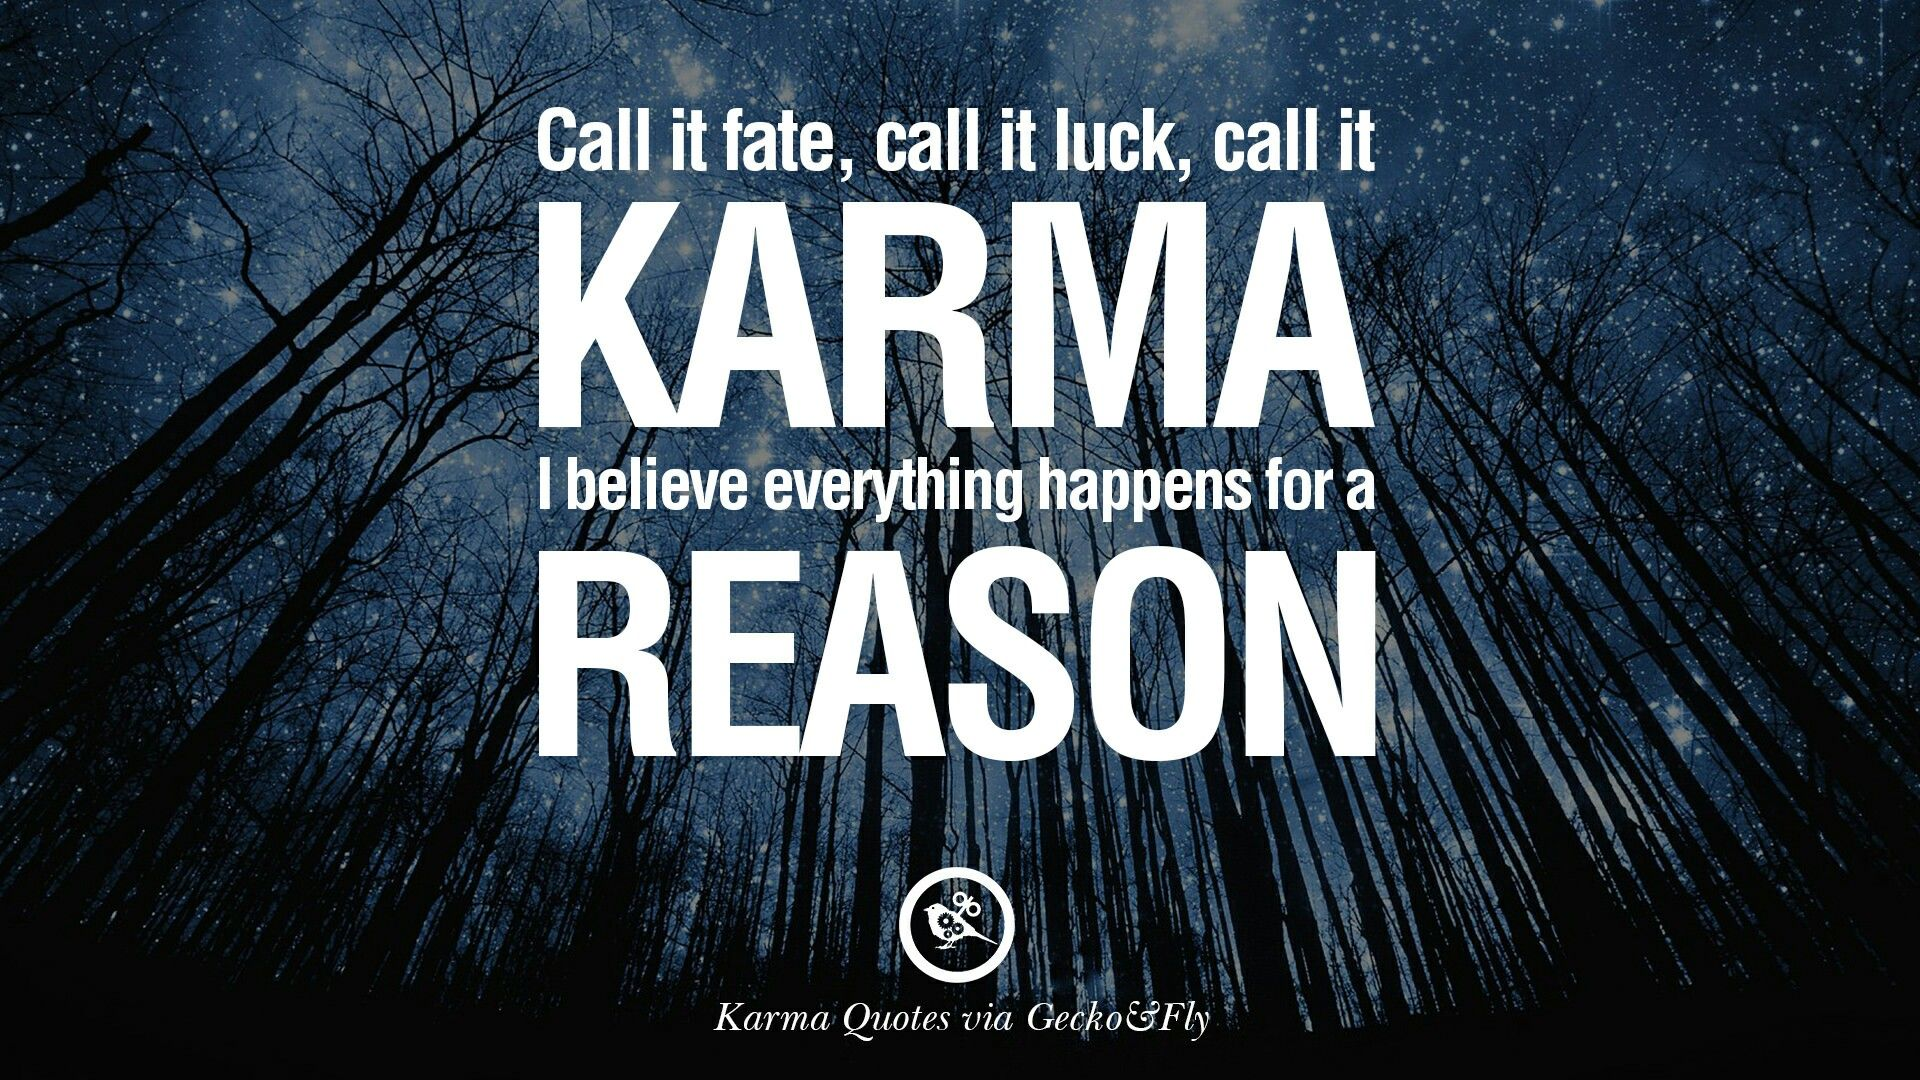 Karma Quotes Inspiration Pinpris Clown On Karma  Pinterest  Karma